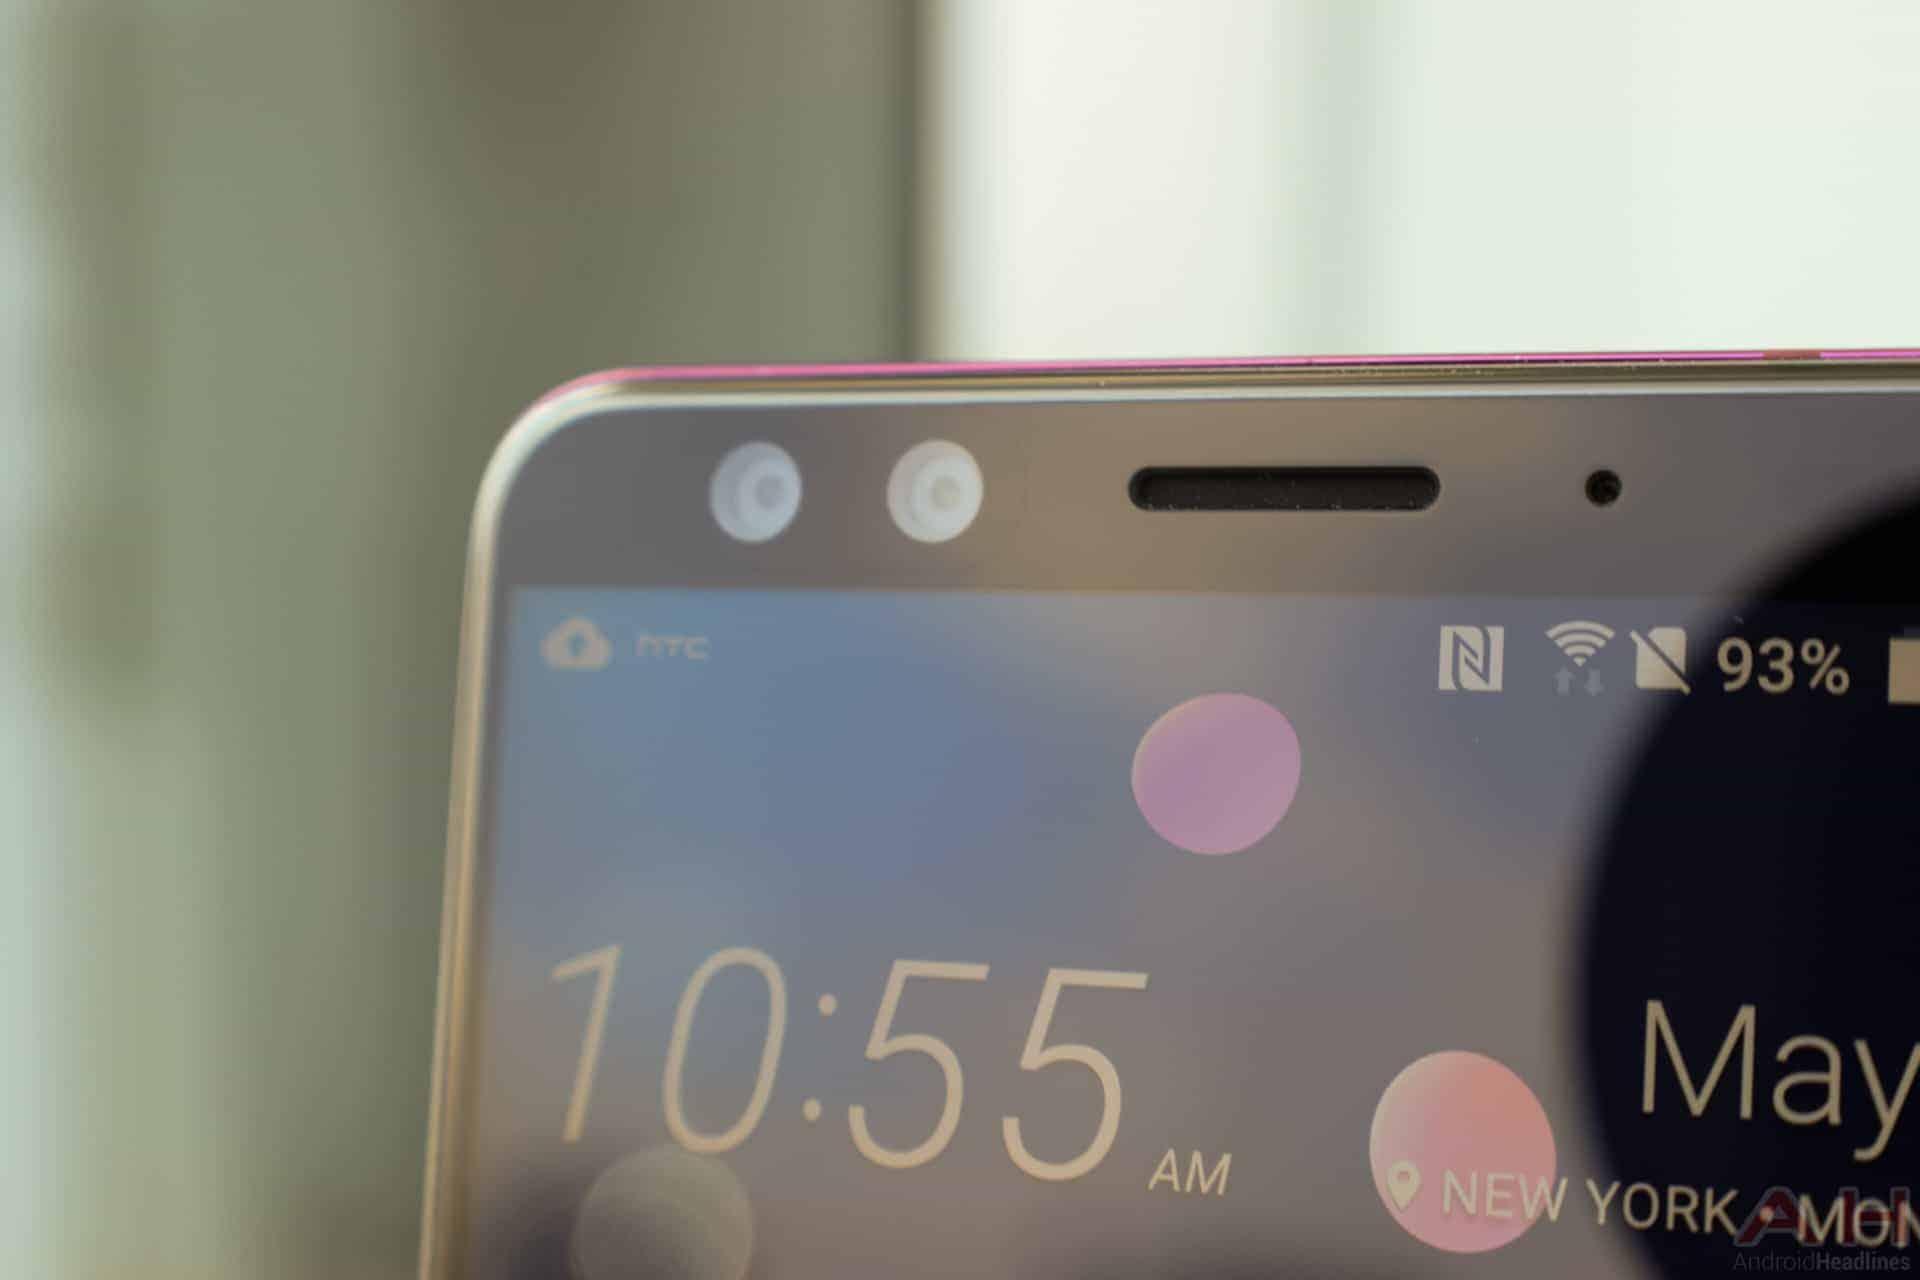 HTC U12 Plus AM AH 32